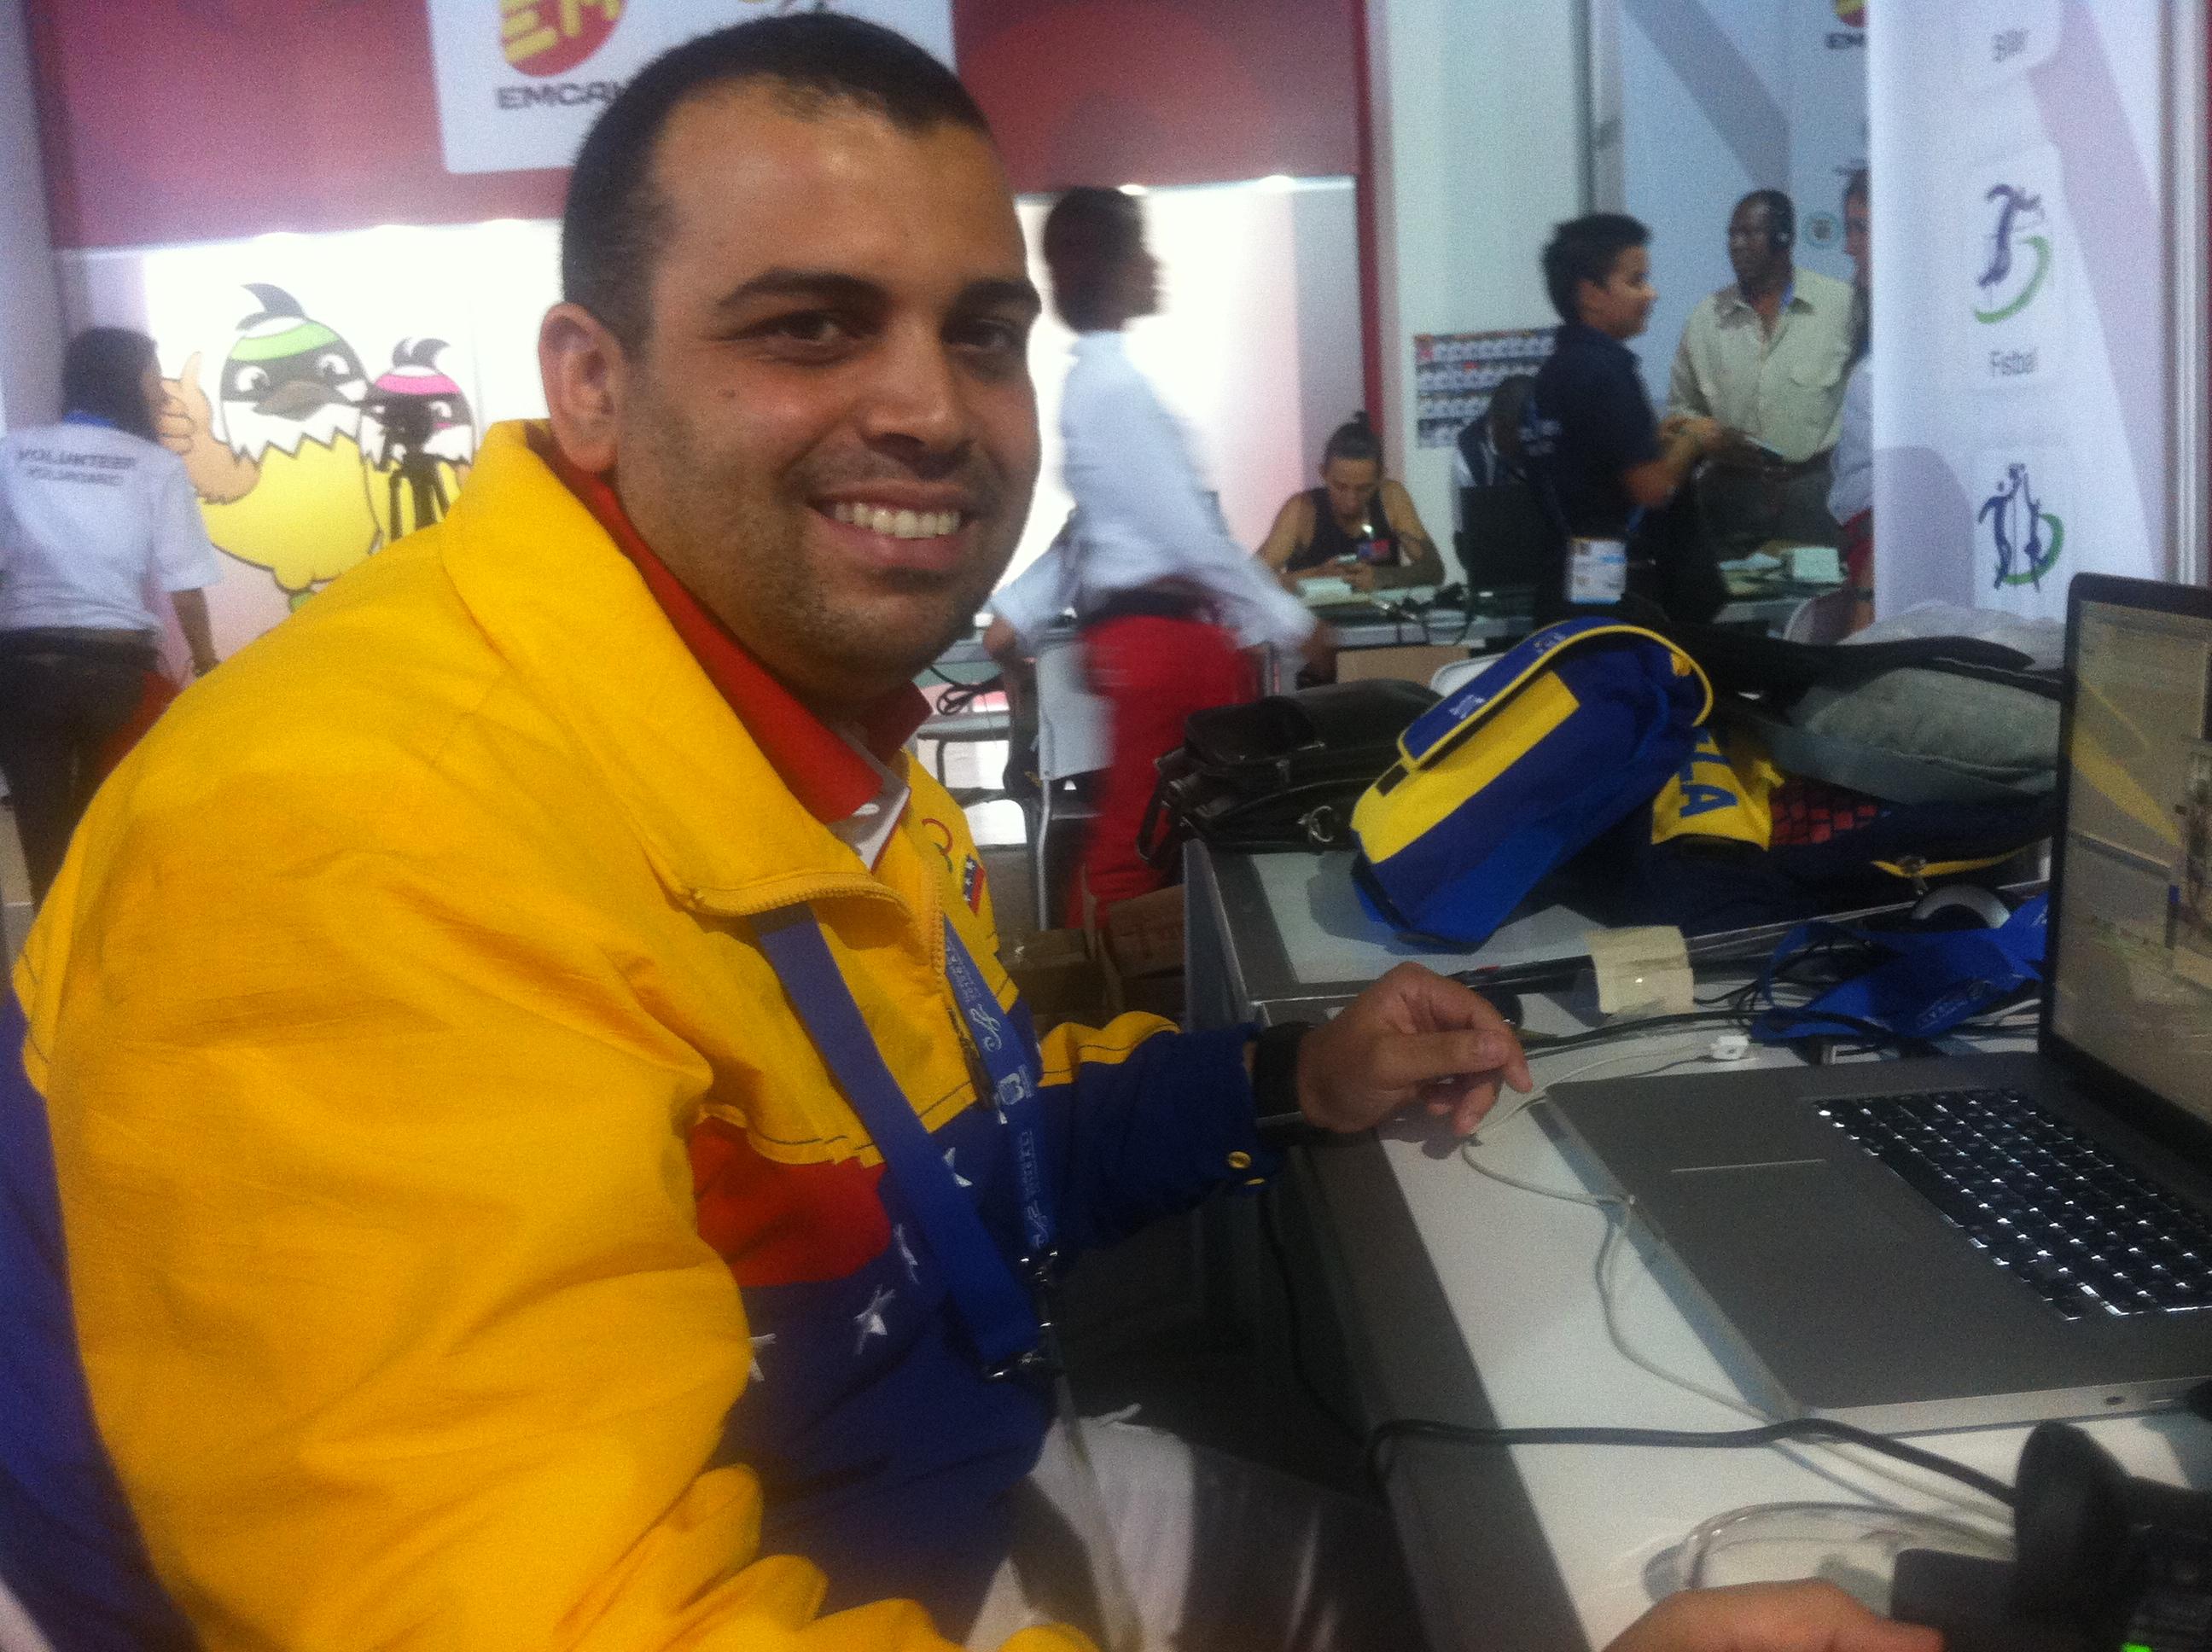 El periodismo venezolano también se ha contagiado de los JJ. MM. Cali 2013